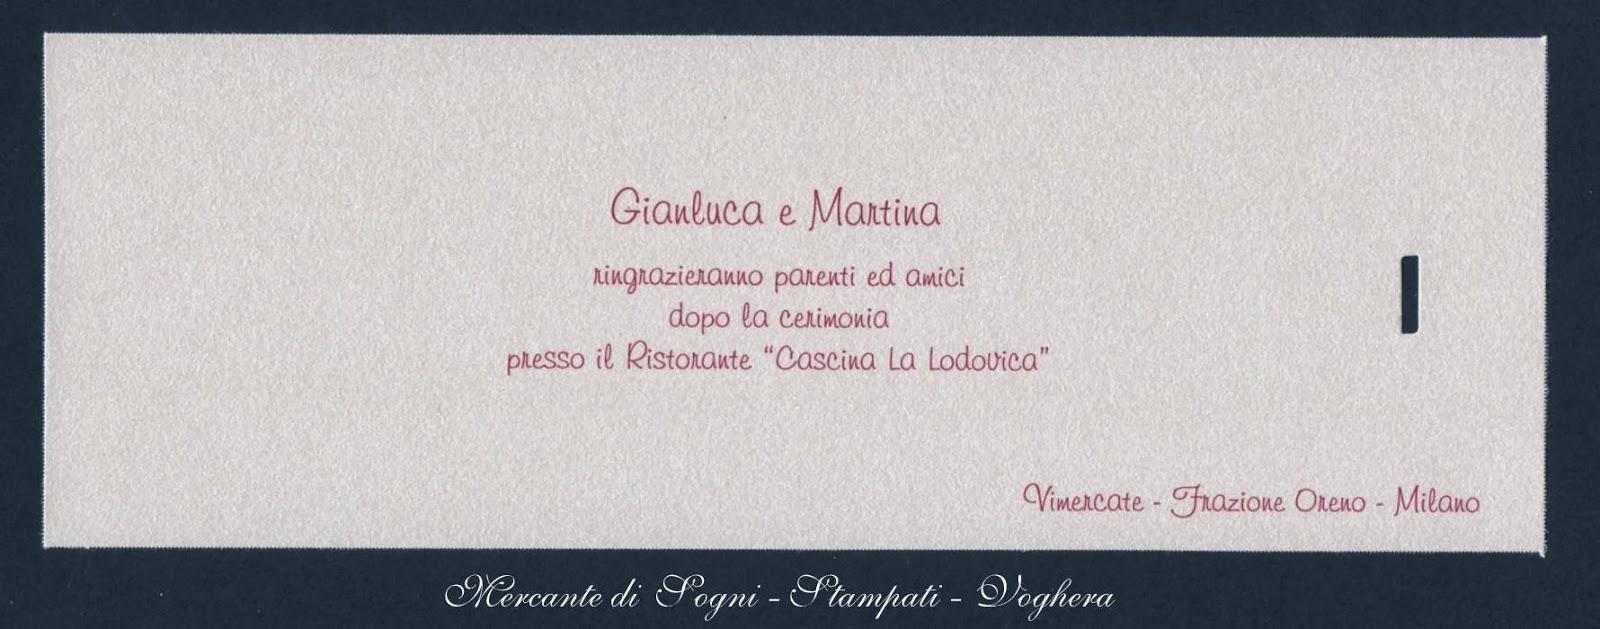 Partecipazioni Matrimonio 95099.Mercante Di Sogni Voghera Bomboniere E Stampati Dal 1969